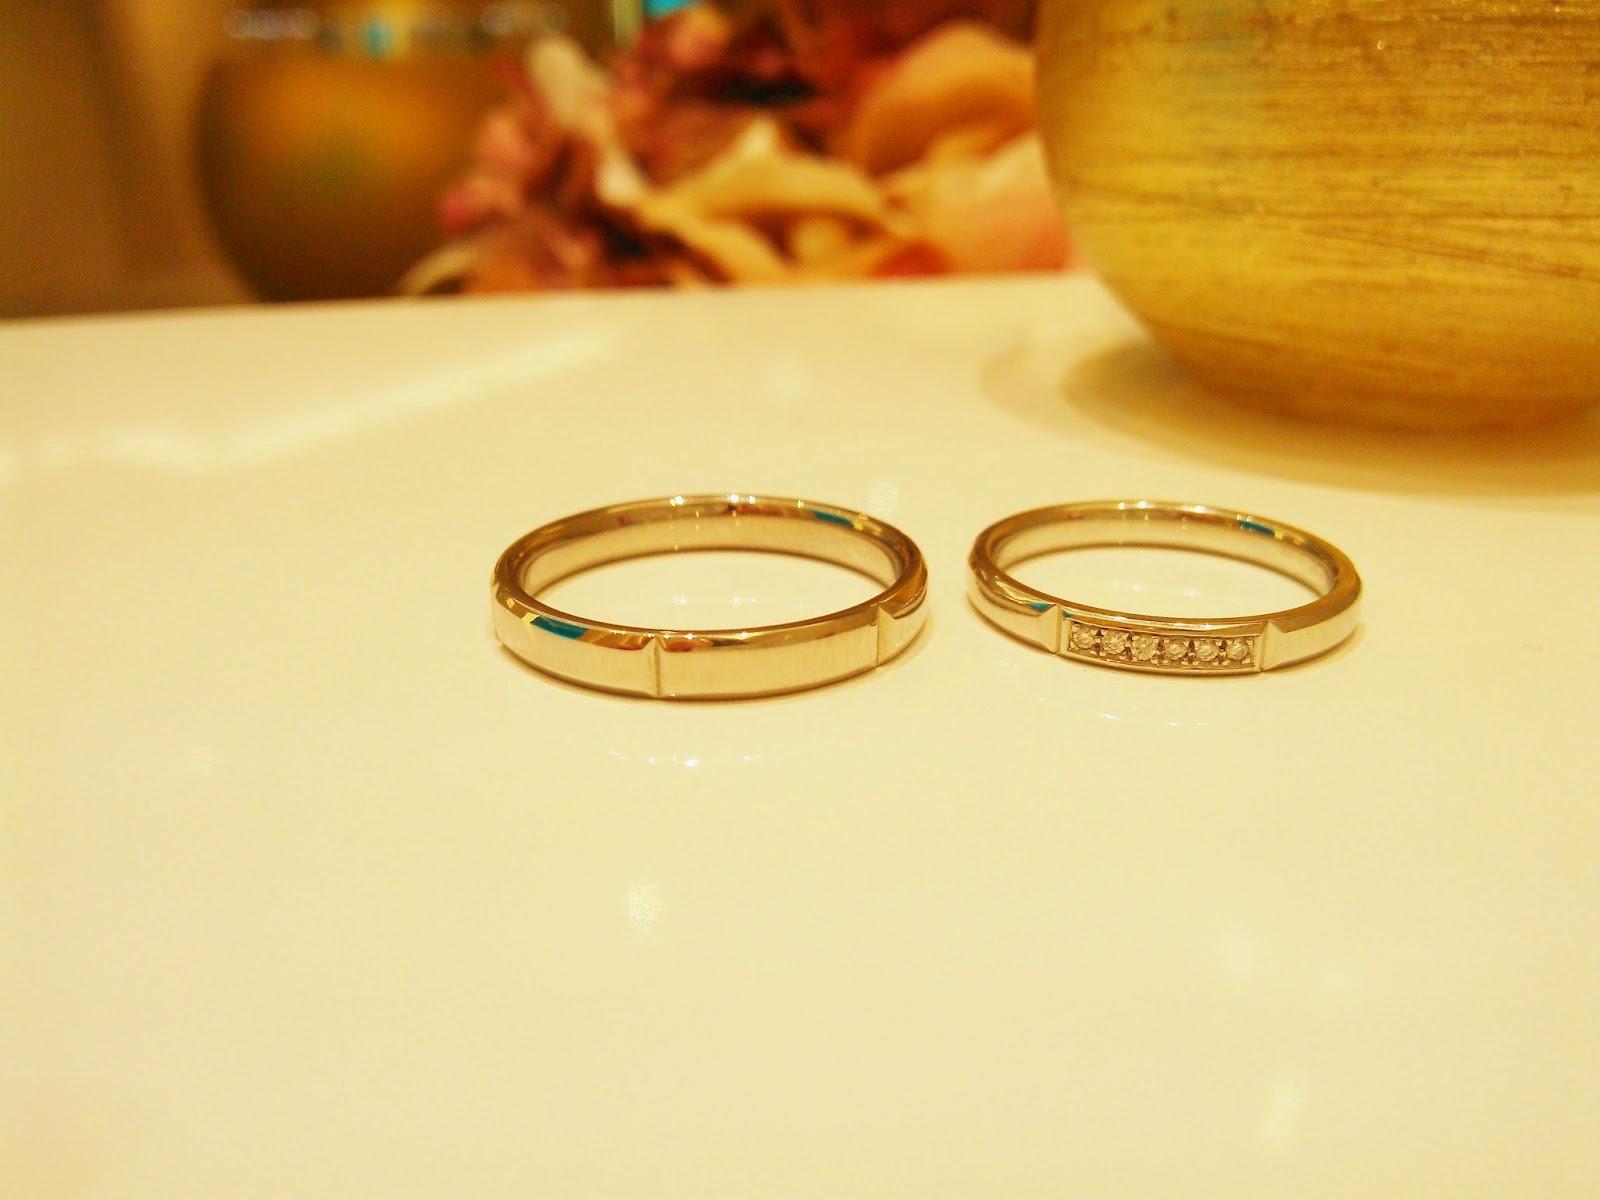 FURRER JACOT フラージャコーギャラリー 名古屋 結婚指輪 チョコレート chocolate ゴールド プラチナ 鍛造 スイス